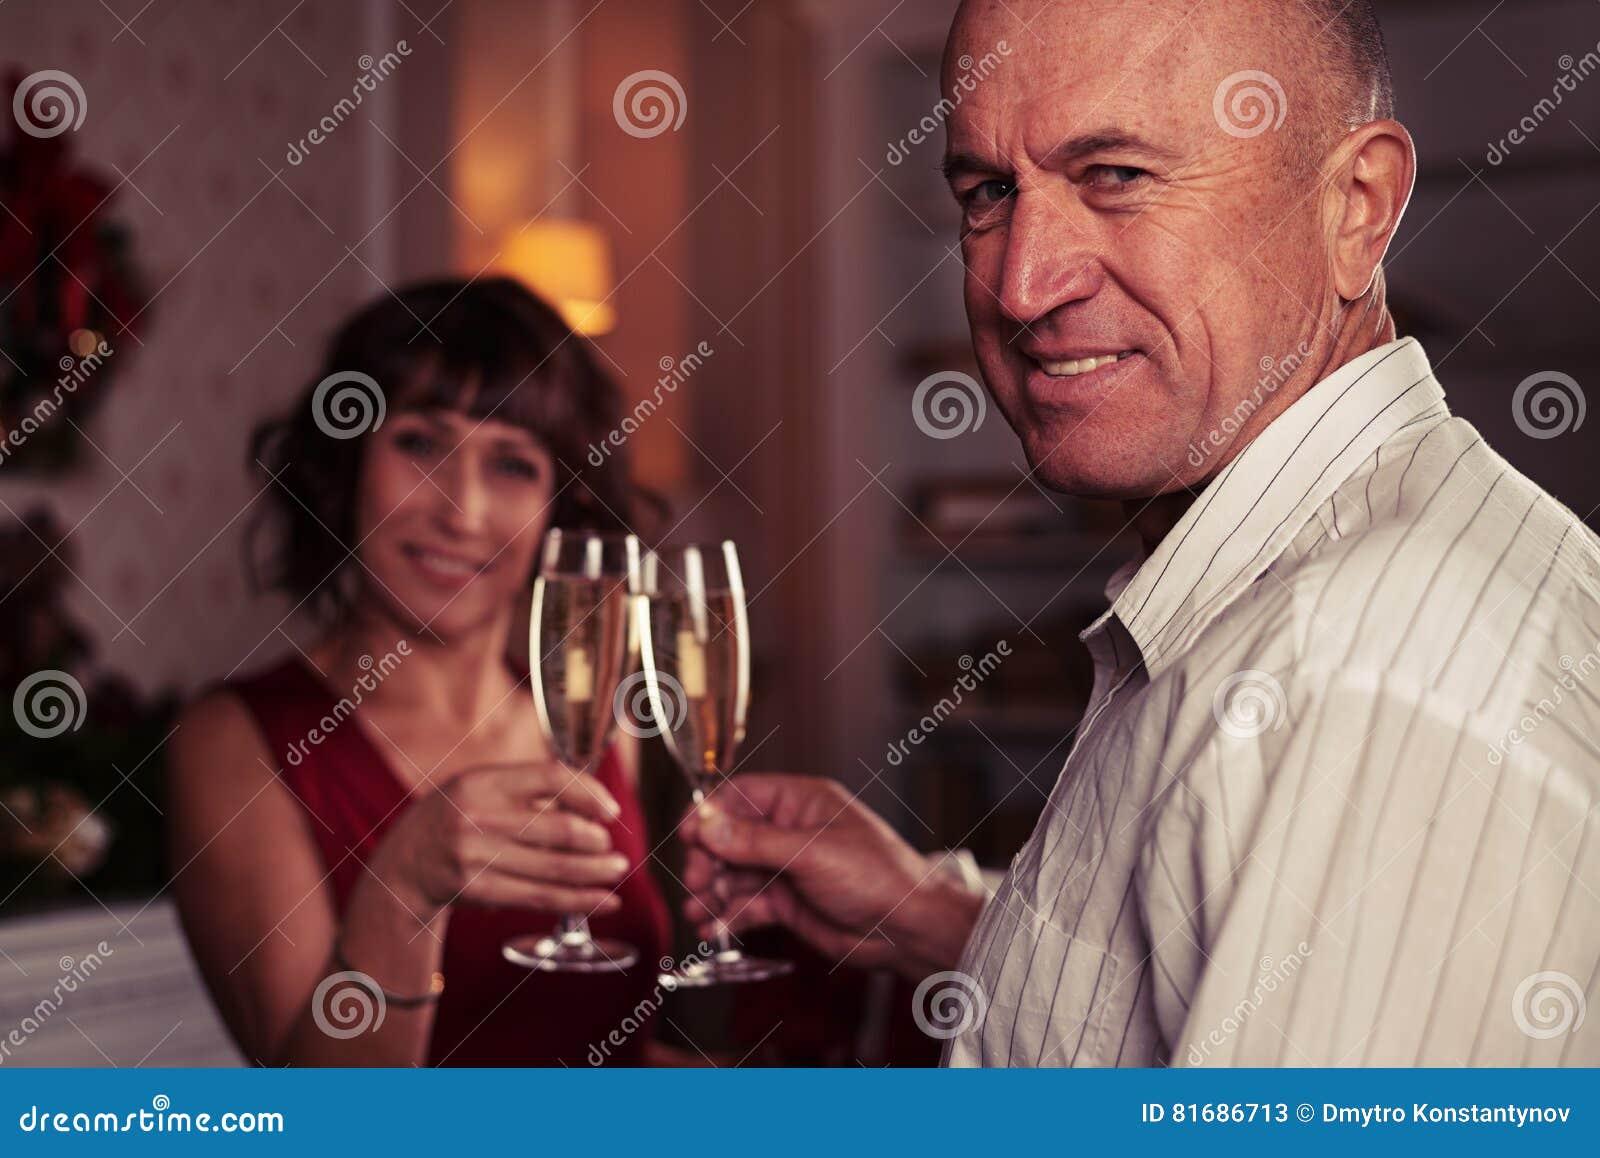 Zakończenie stojak ostrość strzelał starszy mężczyzna wznosi toast szkła ch